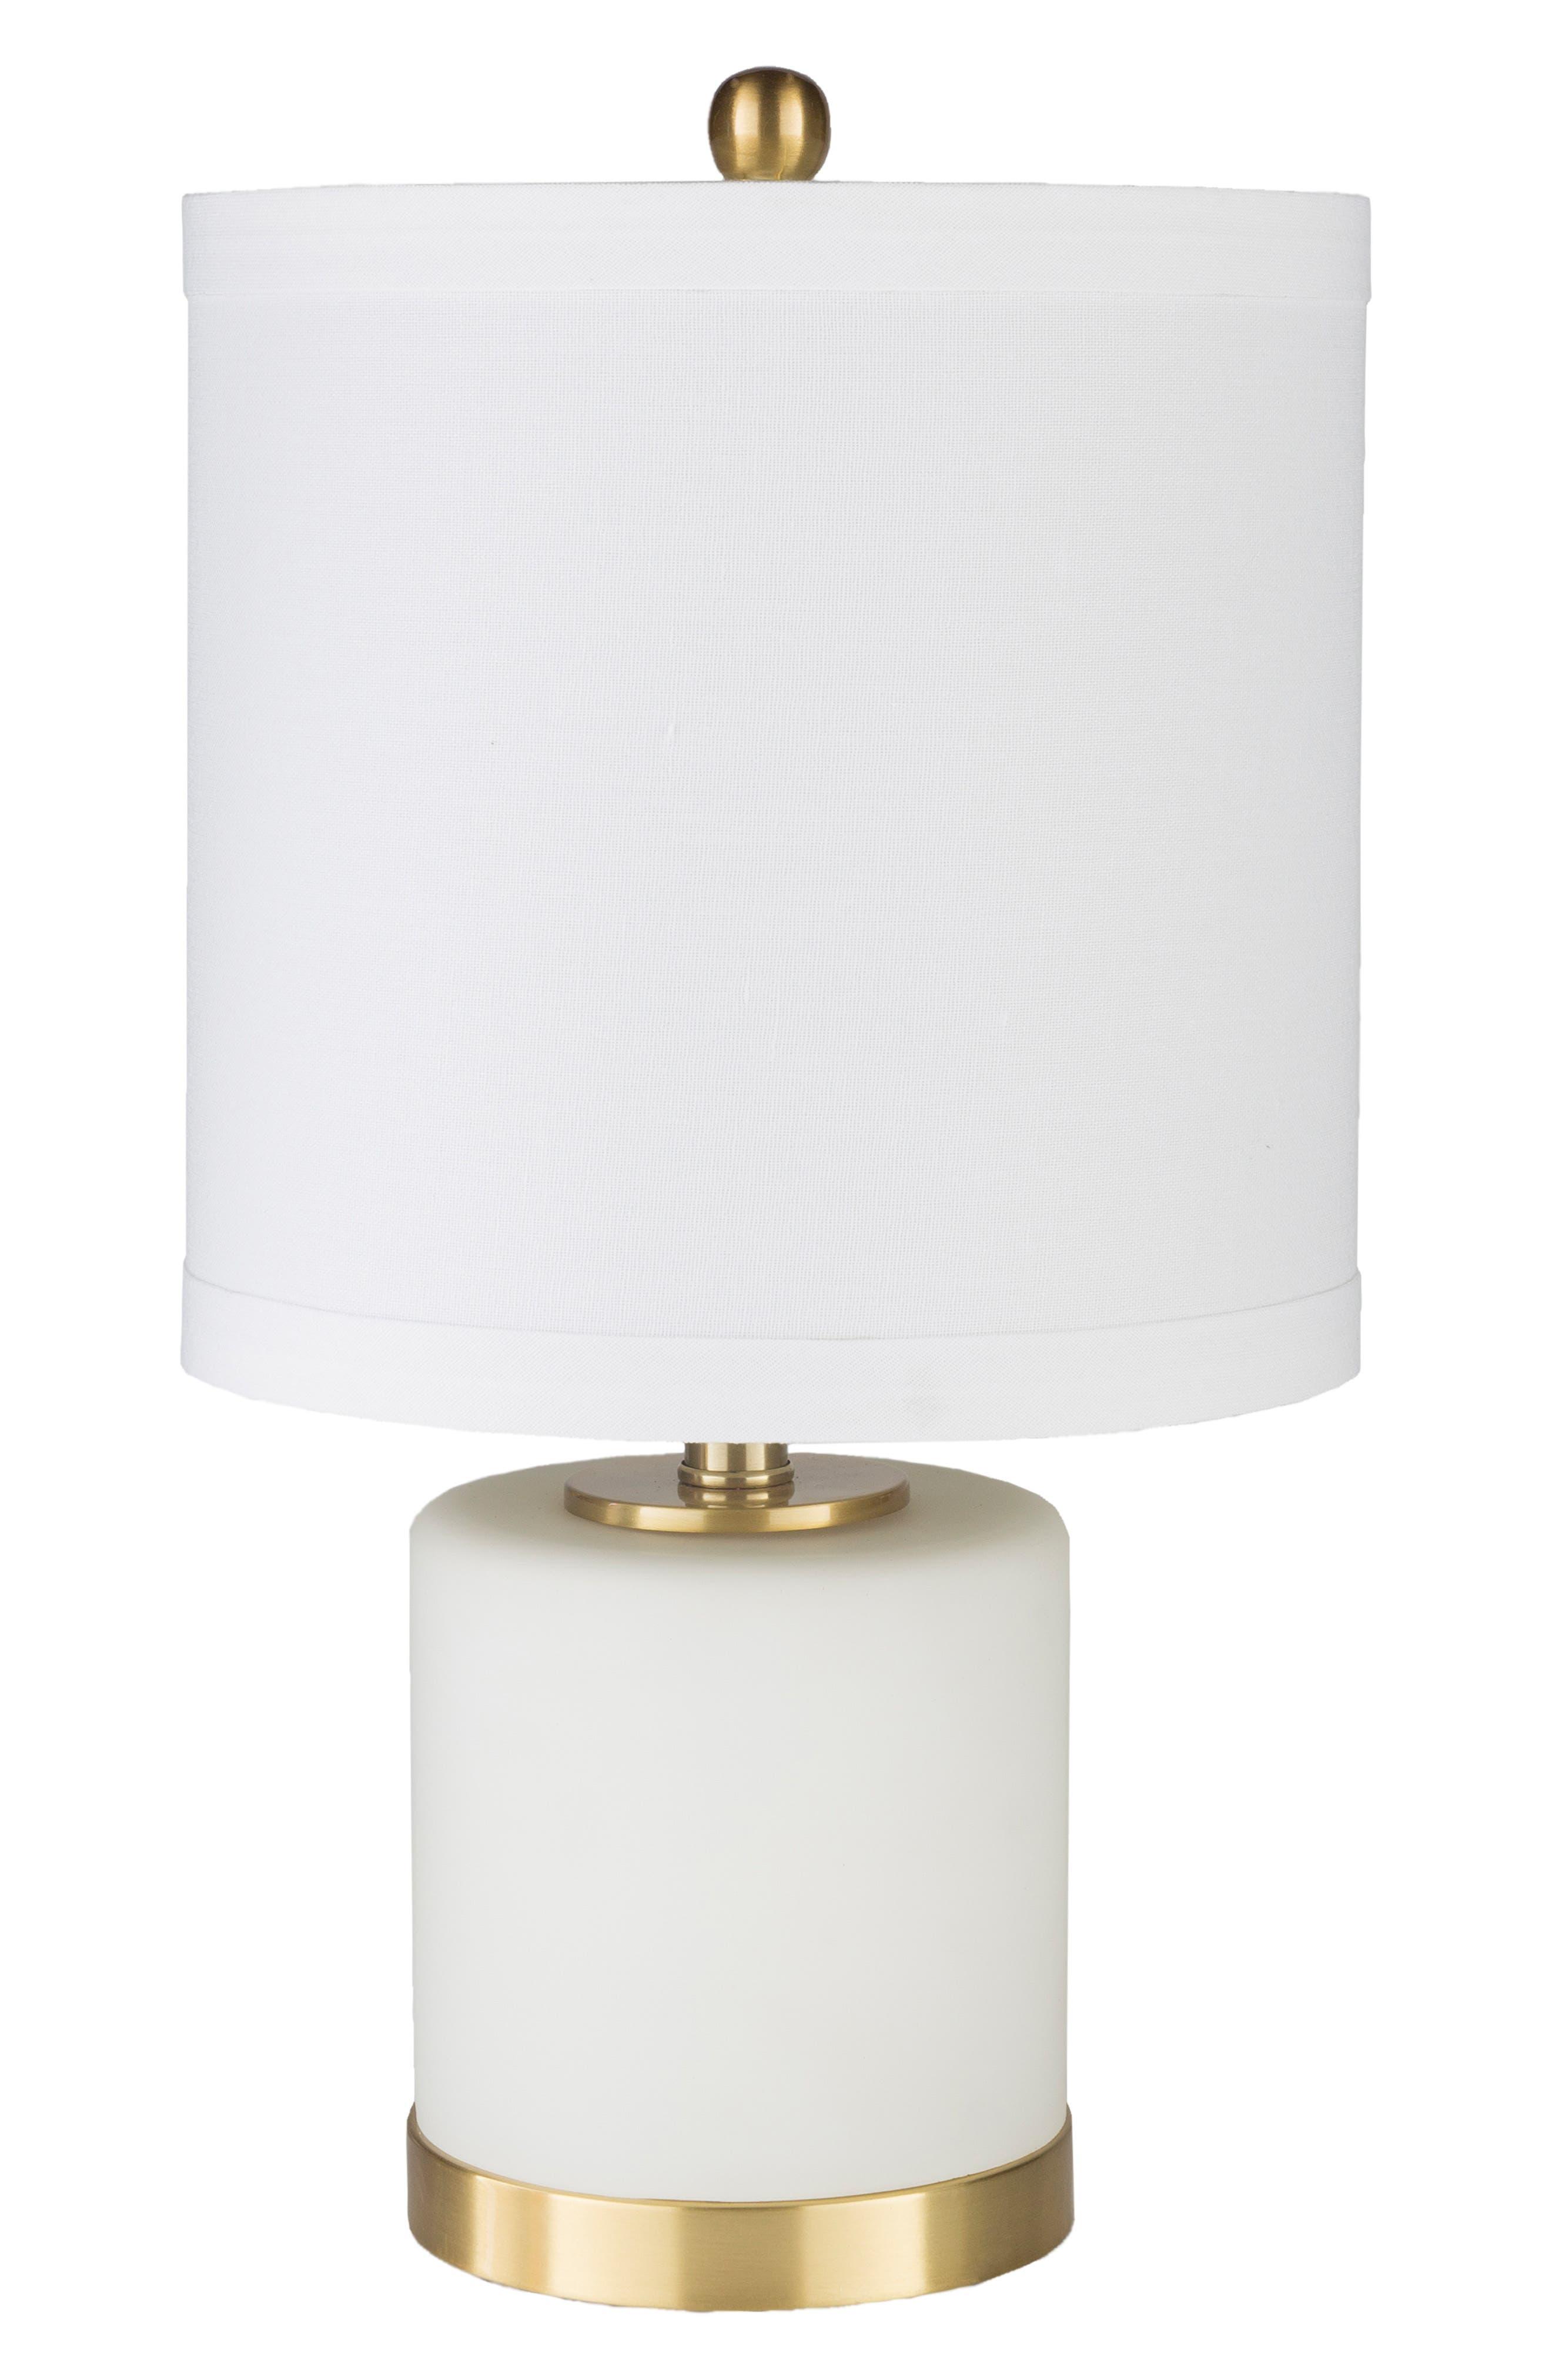 Surya Home Ayers Table Lamp